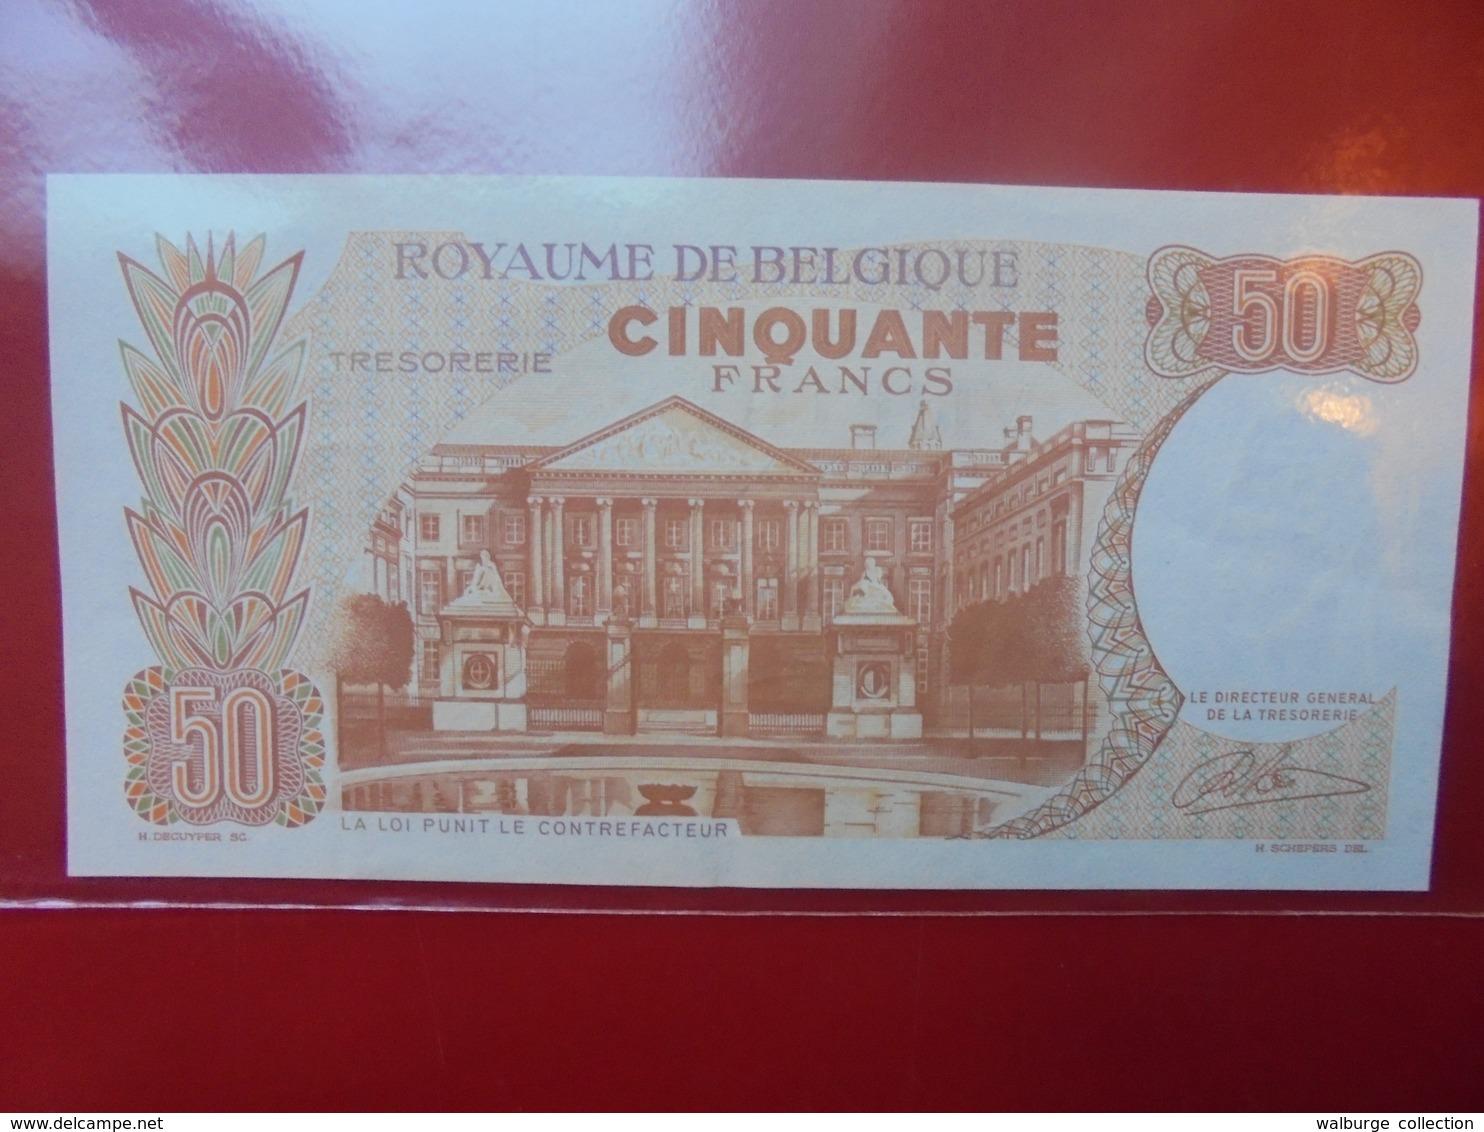 BELGIQUE 50 FRANCS 1966 CIRCULER  BELLE QUALITE ! - [ 6] Trésorerie